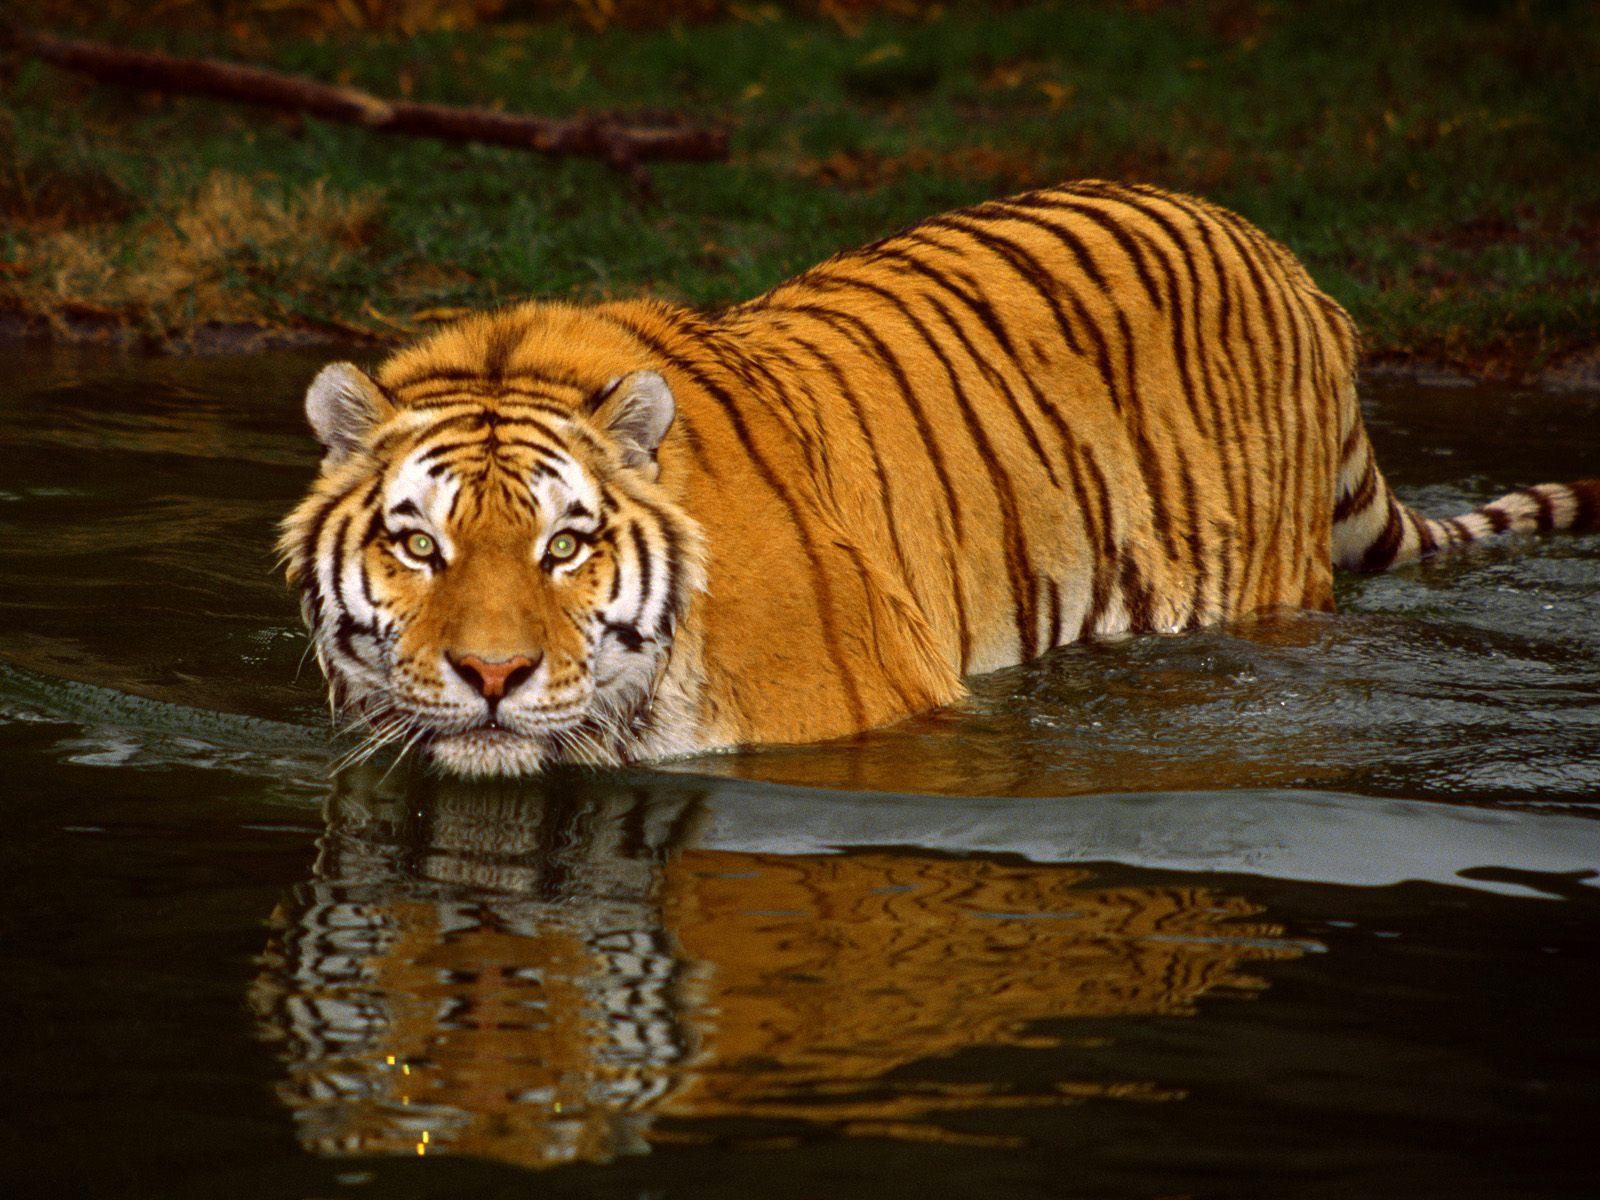 Hintergrundbilder kostenlos: Desktop verschönern CHIP - Hintergrundbilder Kostenlos Tiger